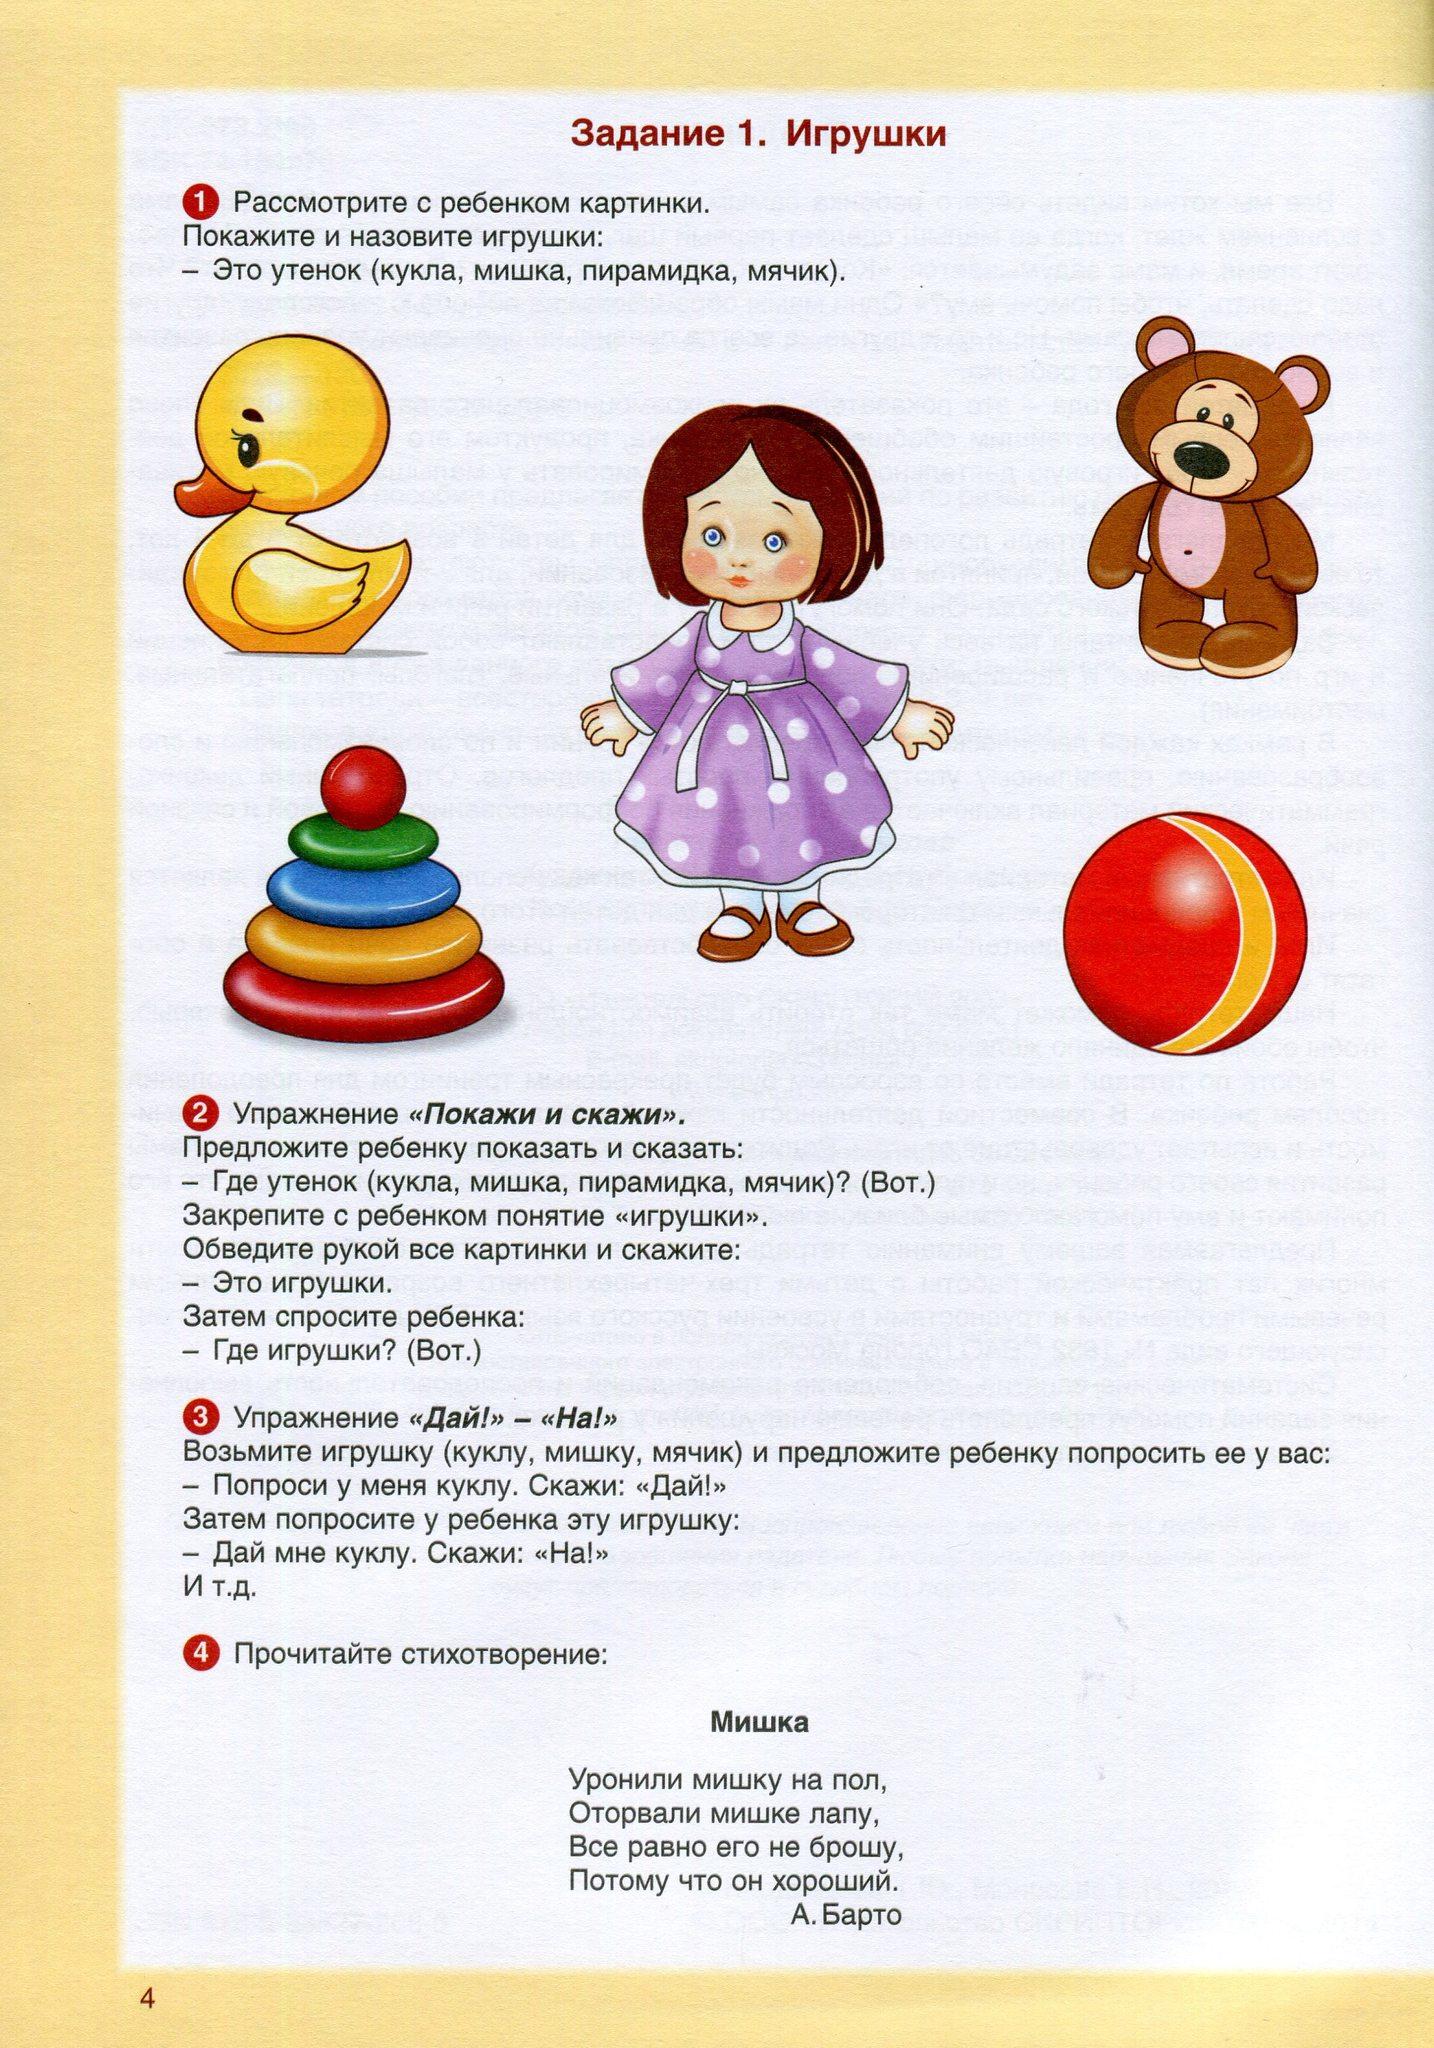 Логопедические задания для детей 3-4 лет. Рабочая тетрадь.